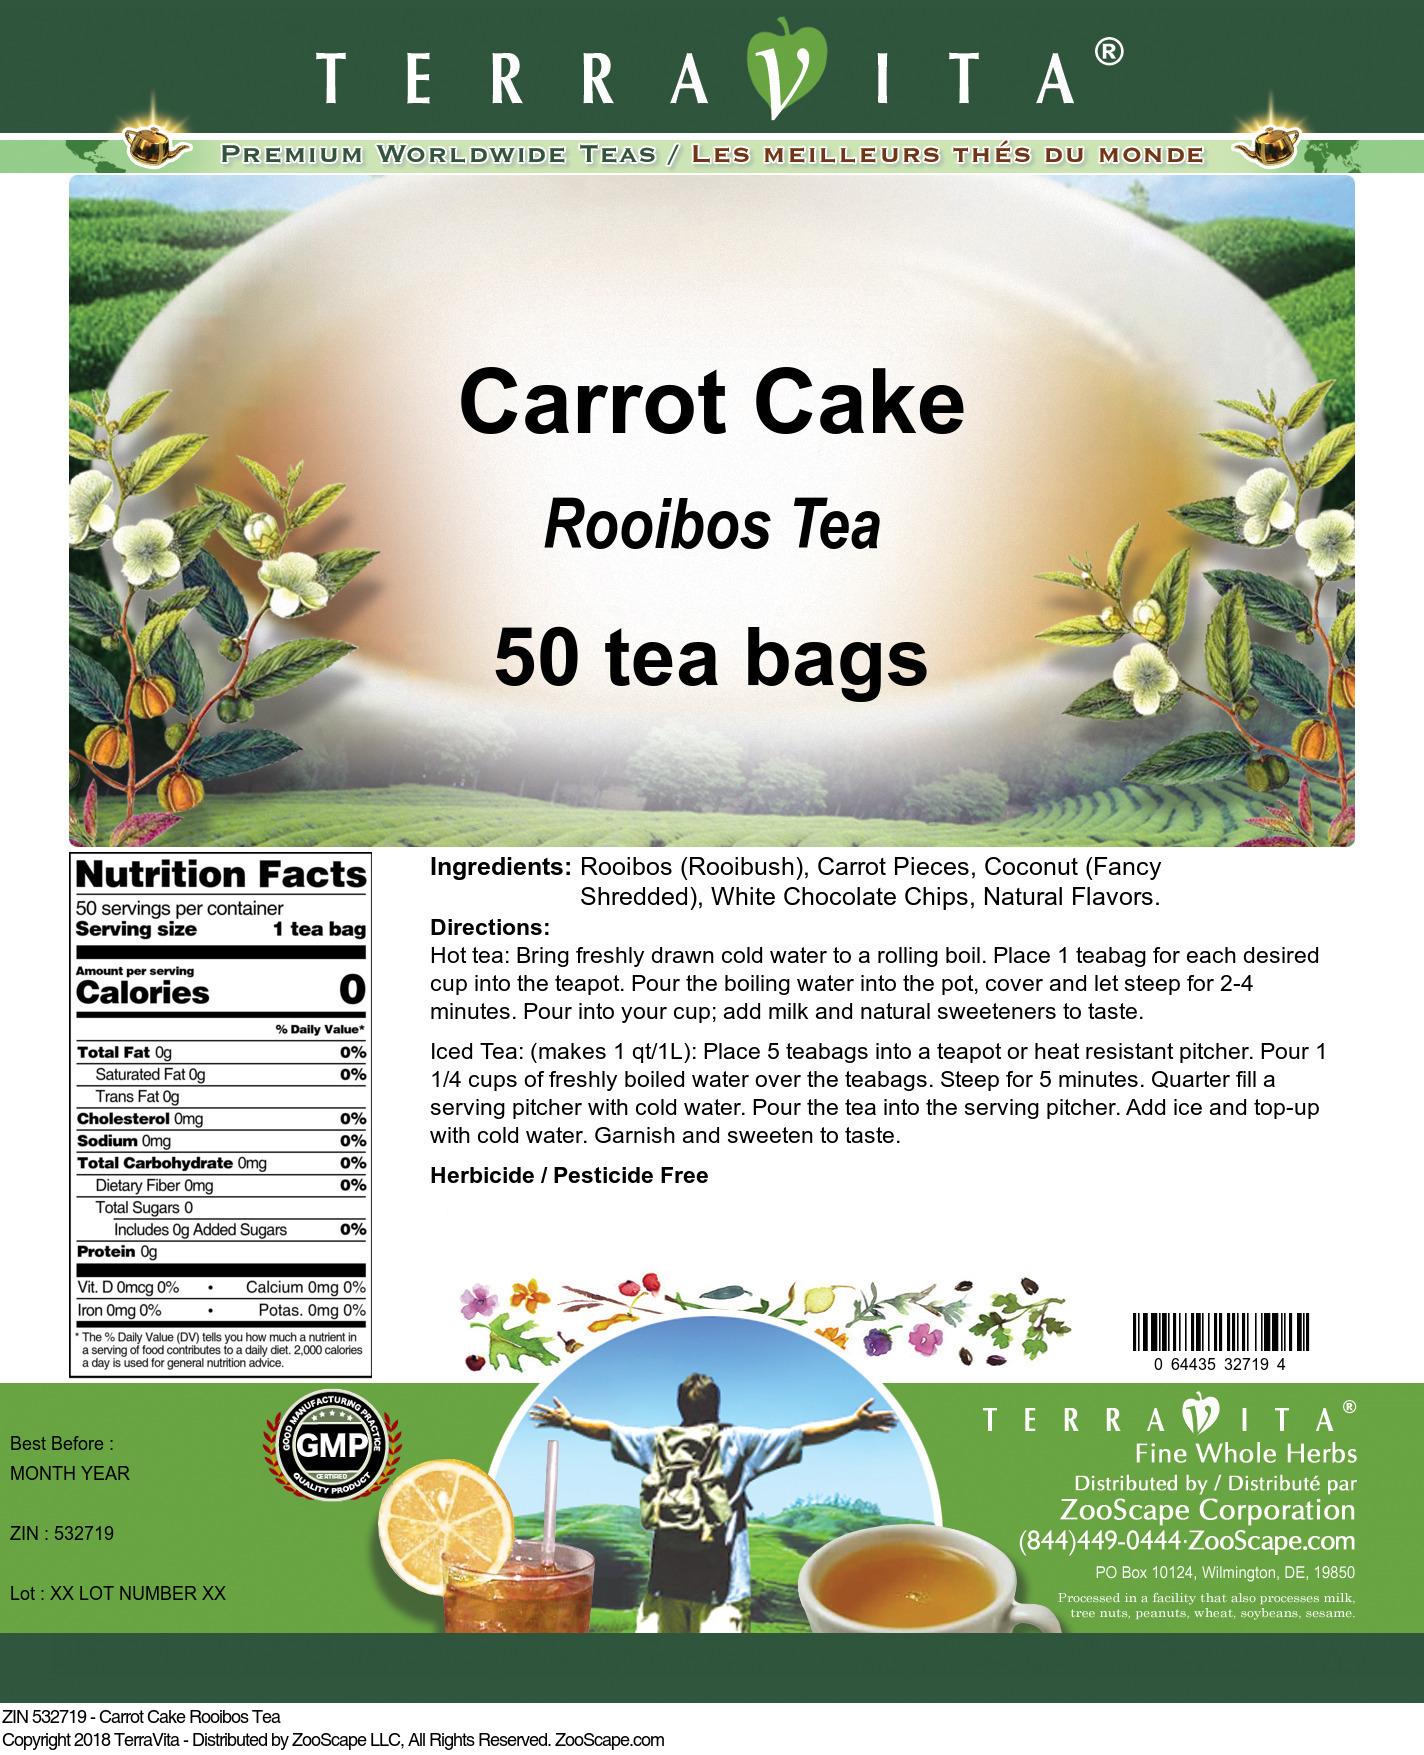 Carrot Cake Rooibos Tea